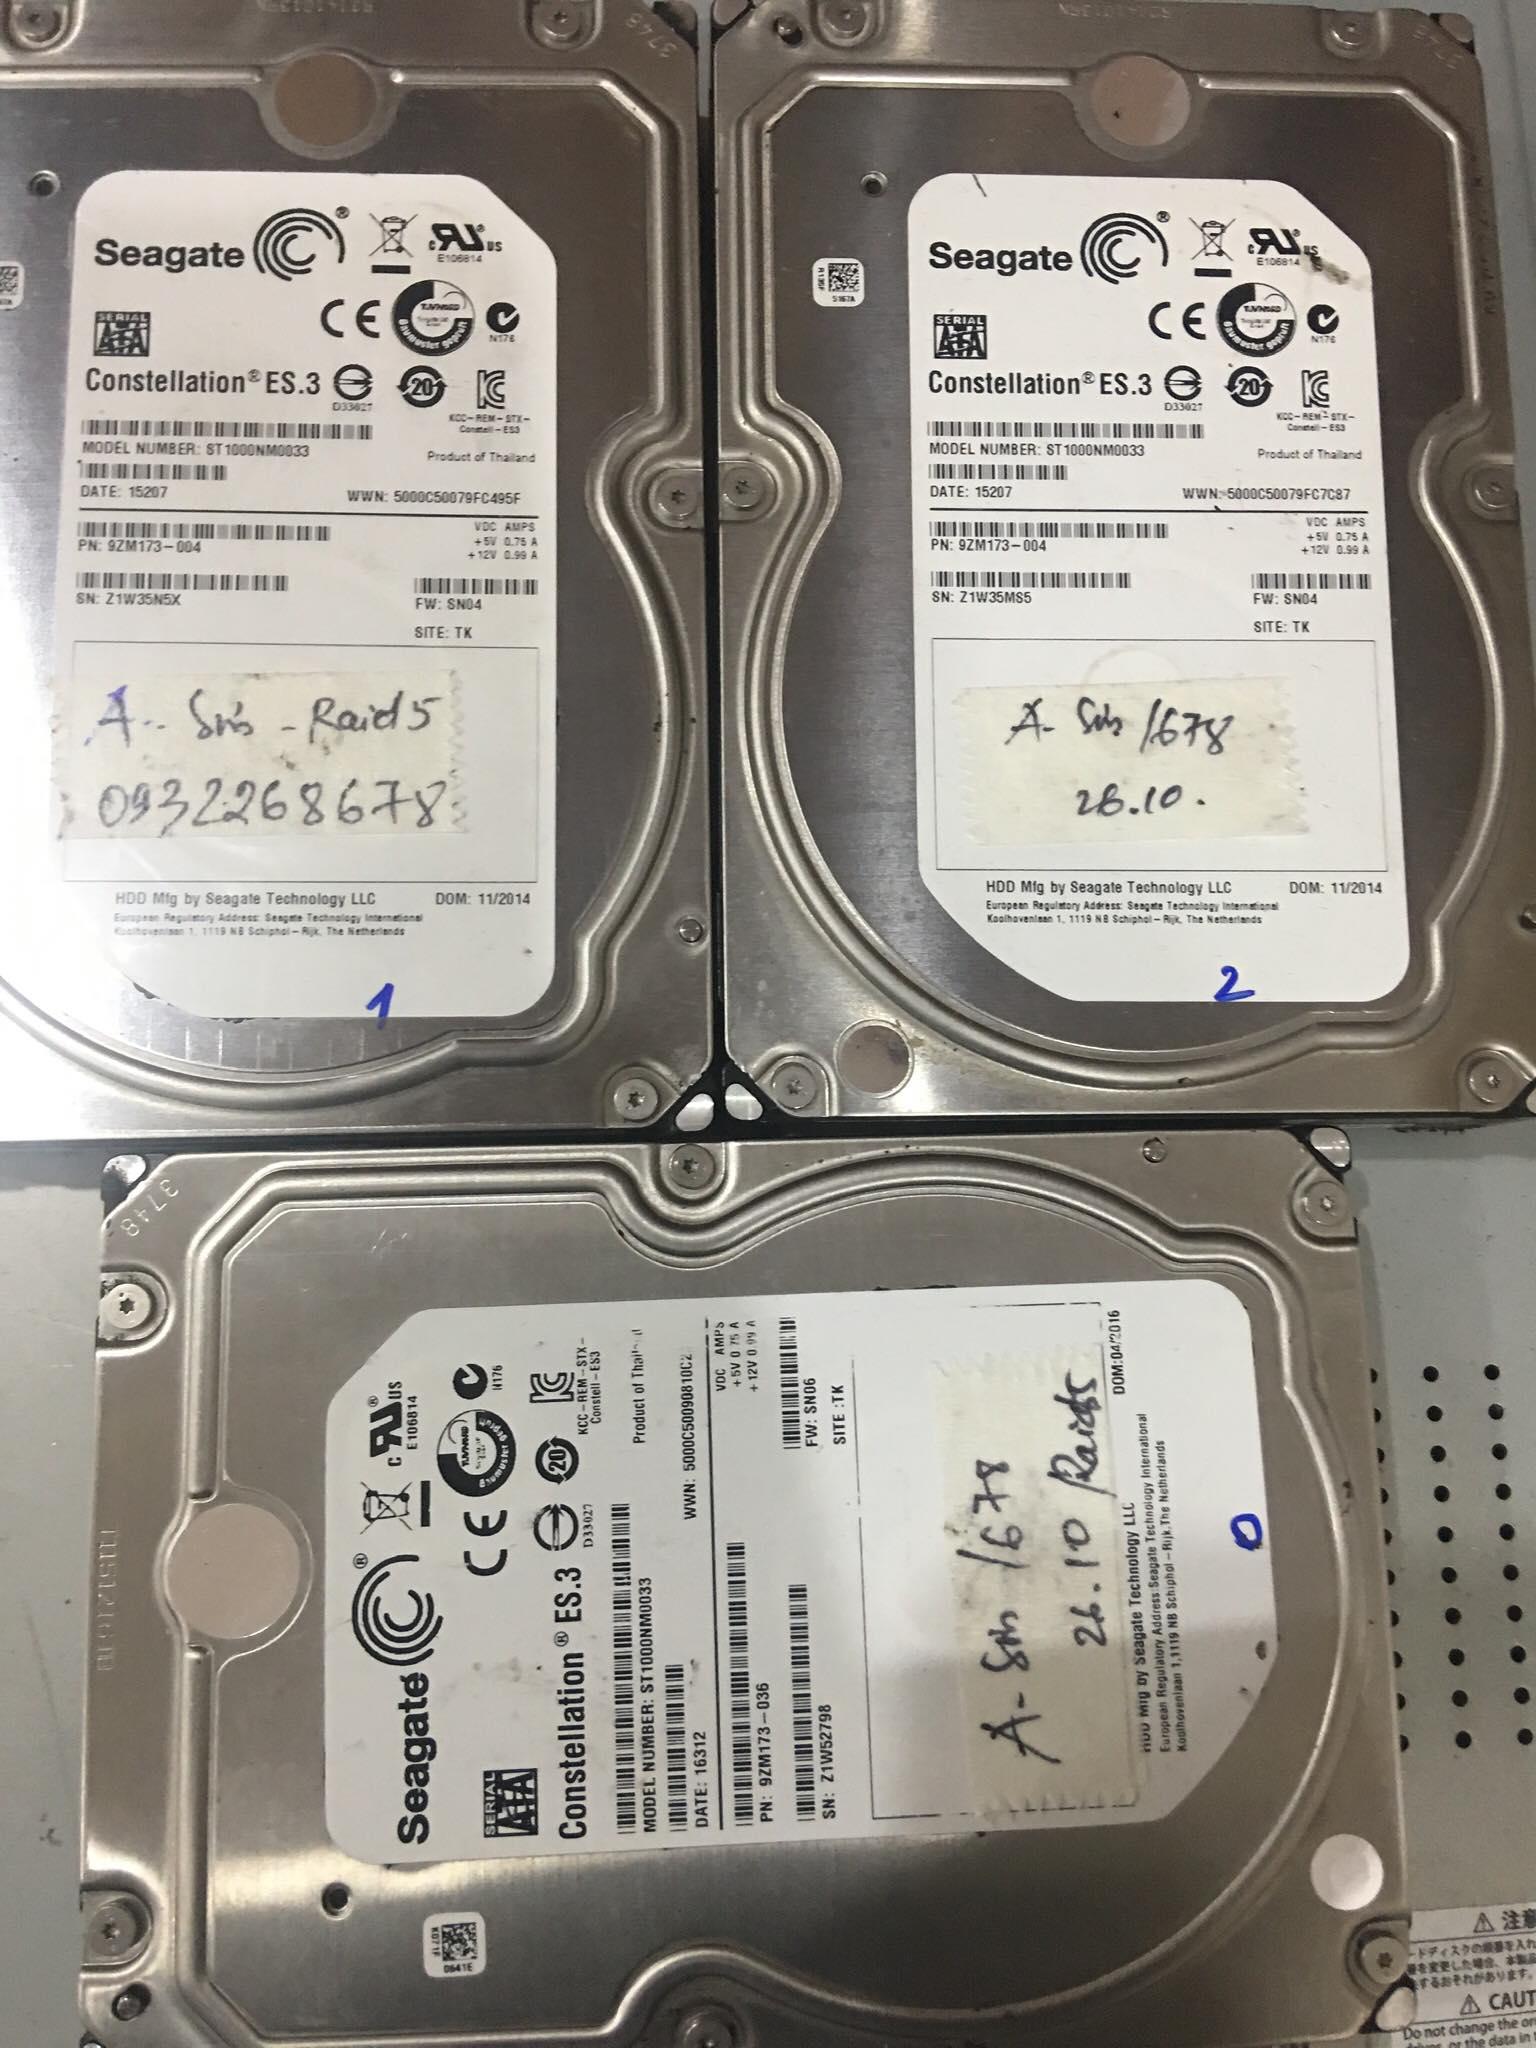 Cứu dữ liệu Server với 3HDDx500GB mất cấu hình Raid - 26/10/2020 - cuumaytinh